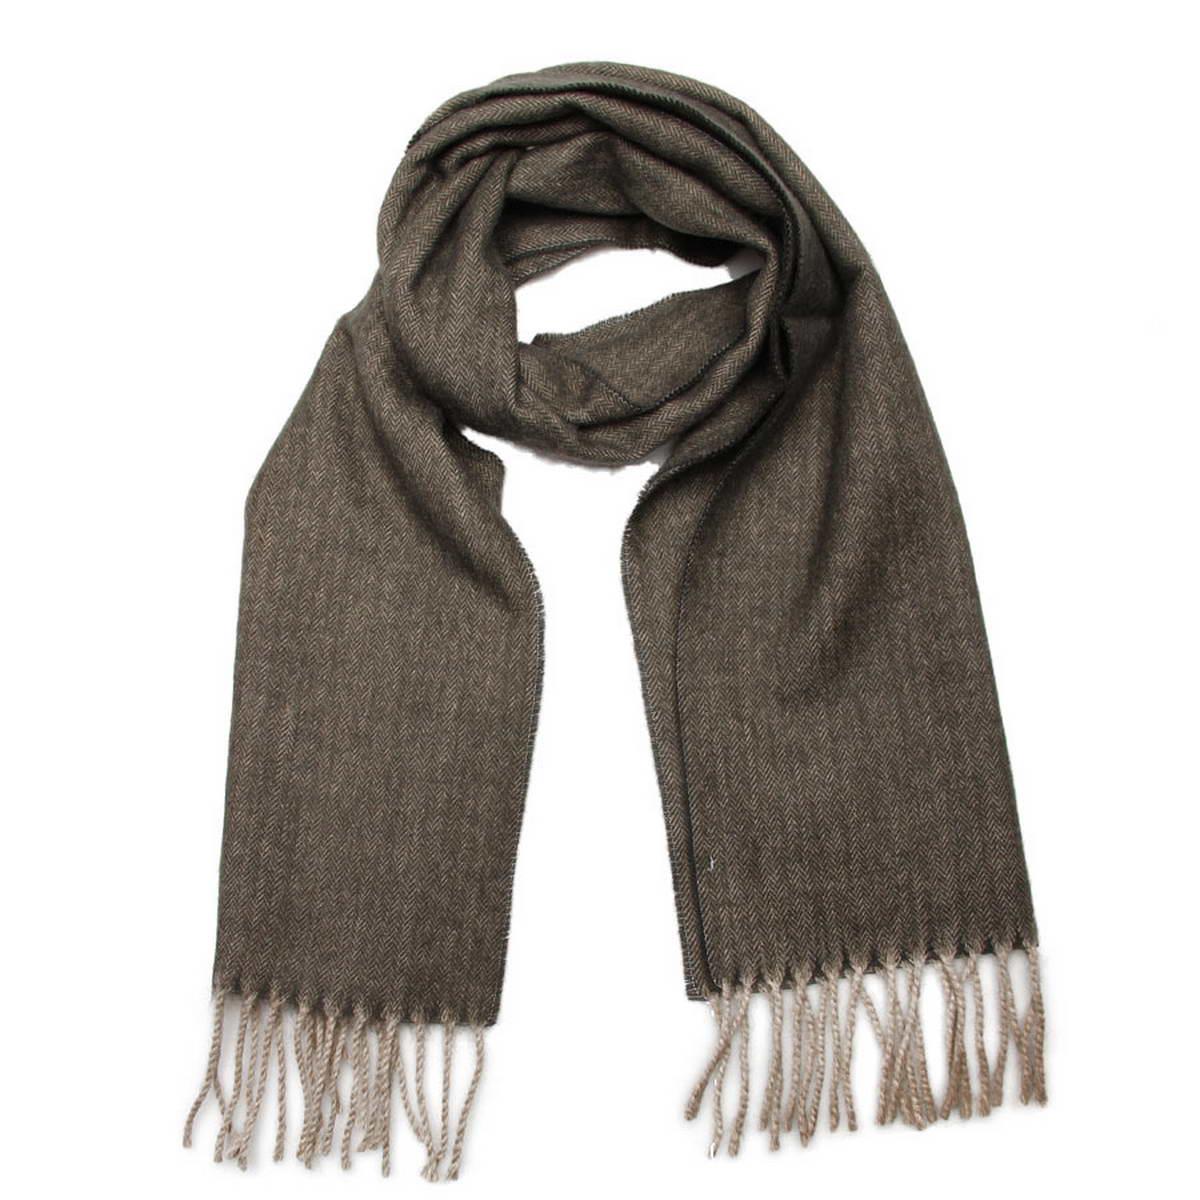 Шарф мужской. 50015325001532-2Элегантный мужской шарф Venera согреет вас в холодное время года, а также станет изысканным аксессуаром, который призван подчеркнуть ваш стиль и индивидуальность. Оригинальный теплый шарф выполнен из высококачественной шерстяной пряжи. Однотонный шарф имеет строгую классическую расцветку и дополнен светлыми жгутиками по краю. Такой шарф станет превосходным дополнением к любому наряду, защитит вас от ветра и холода и позволит вам создать свой неповторимый стиль.